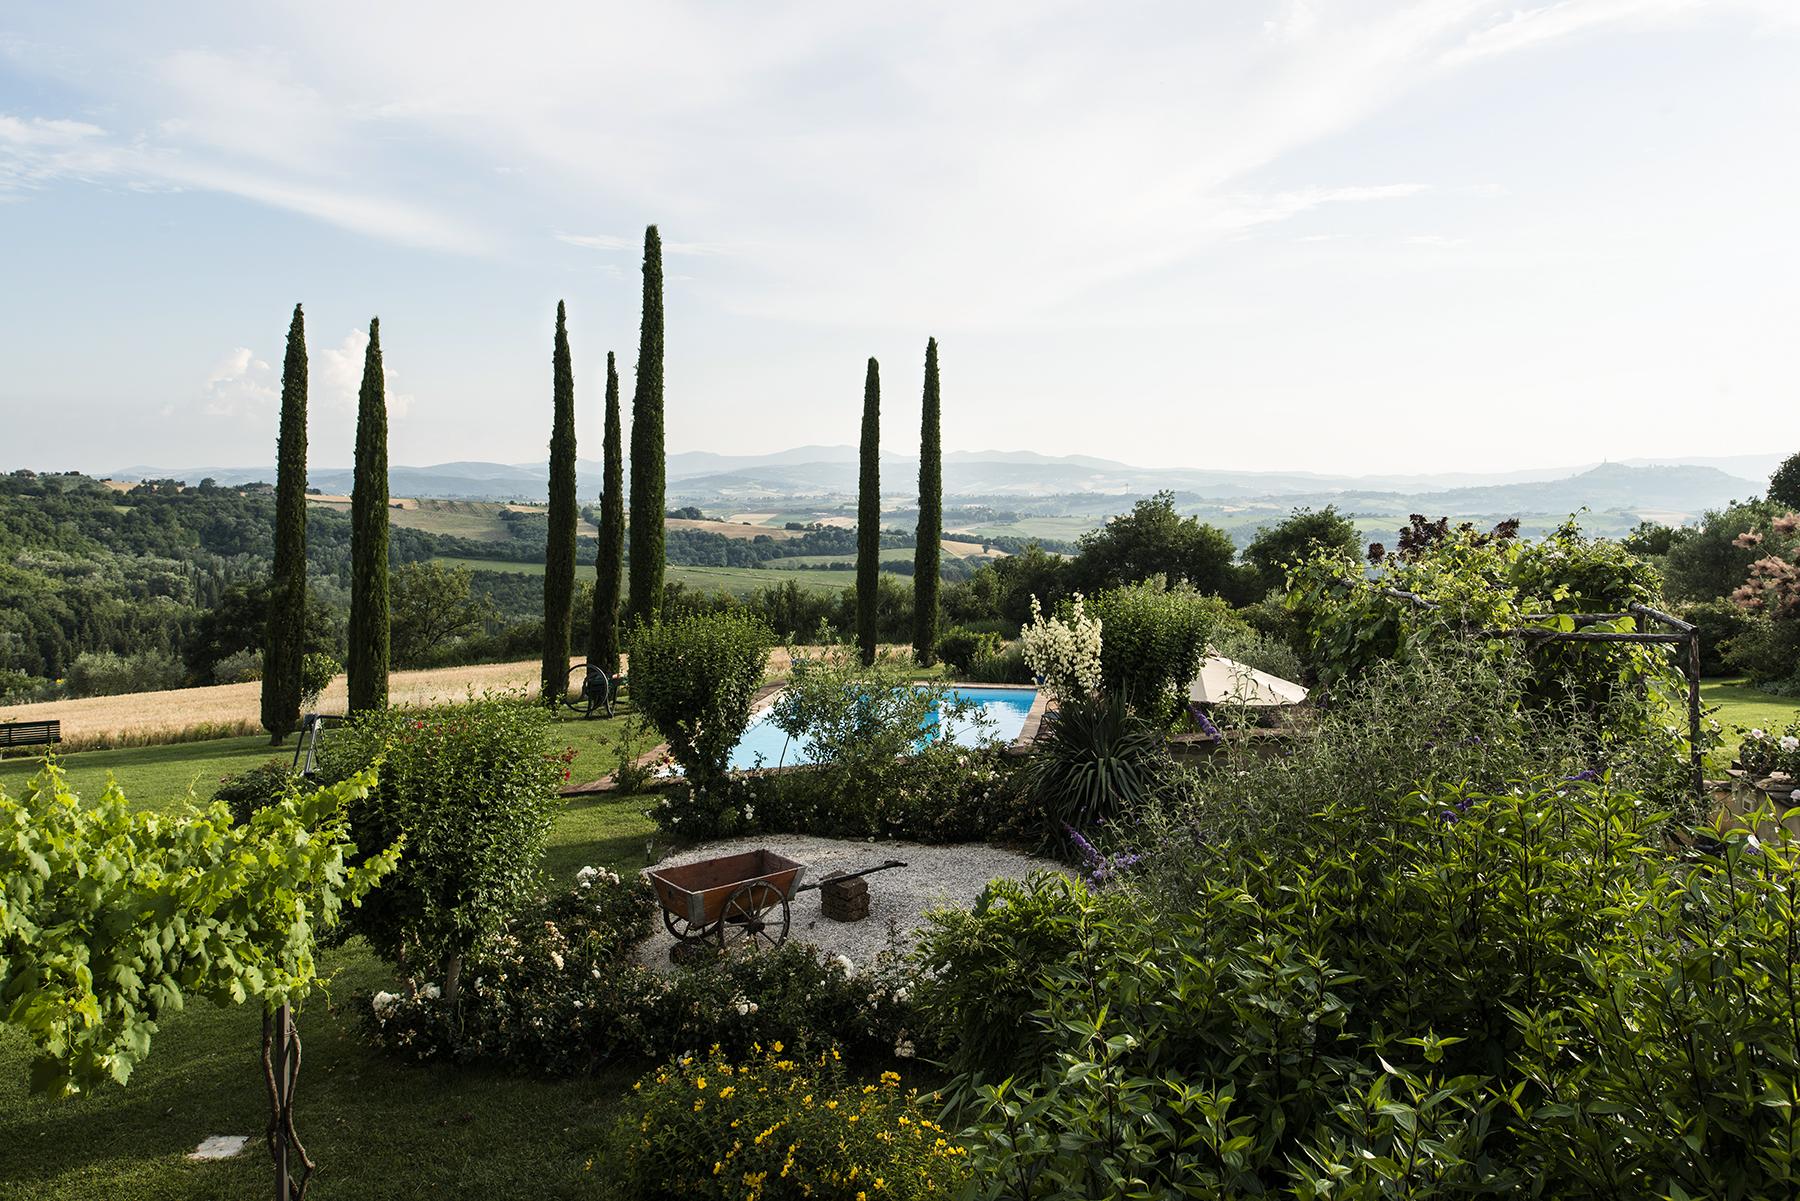 Single Family Home for Sale at Enchanting estate on the Umbrian hills Todi Frazione Monticello vocabolo le mandorelle Todi, Perugia 06059 Italy